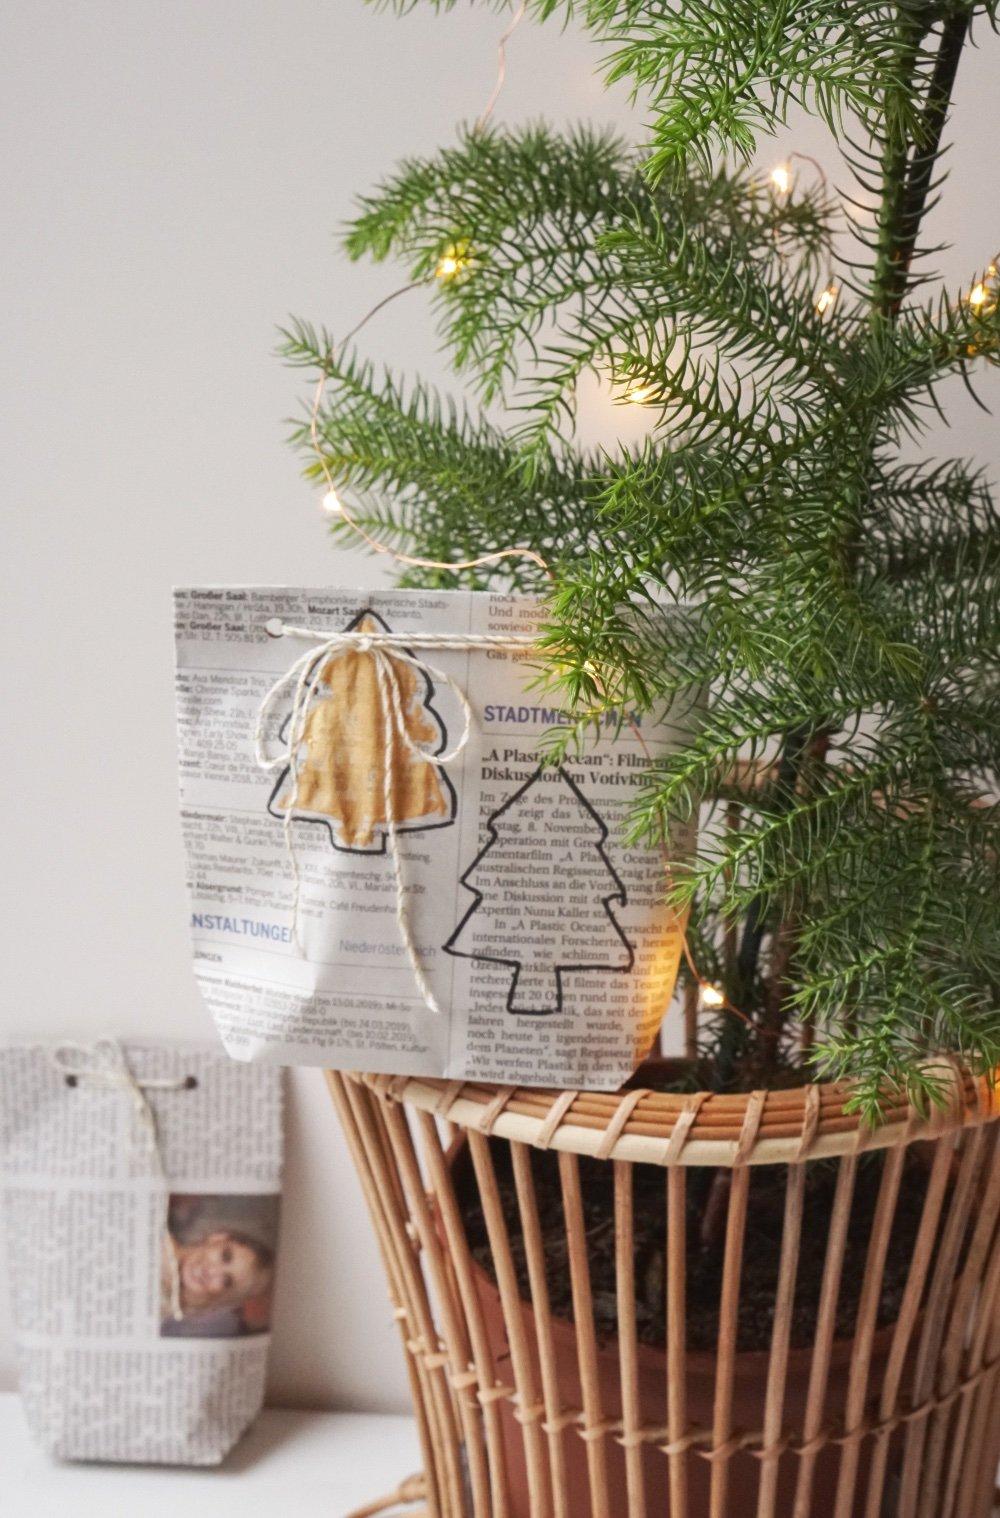 nachhaltig geschenke verpacken papiertuete 3 1